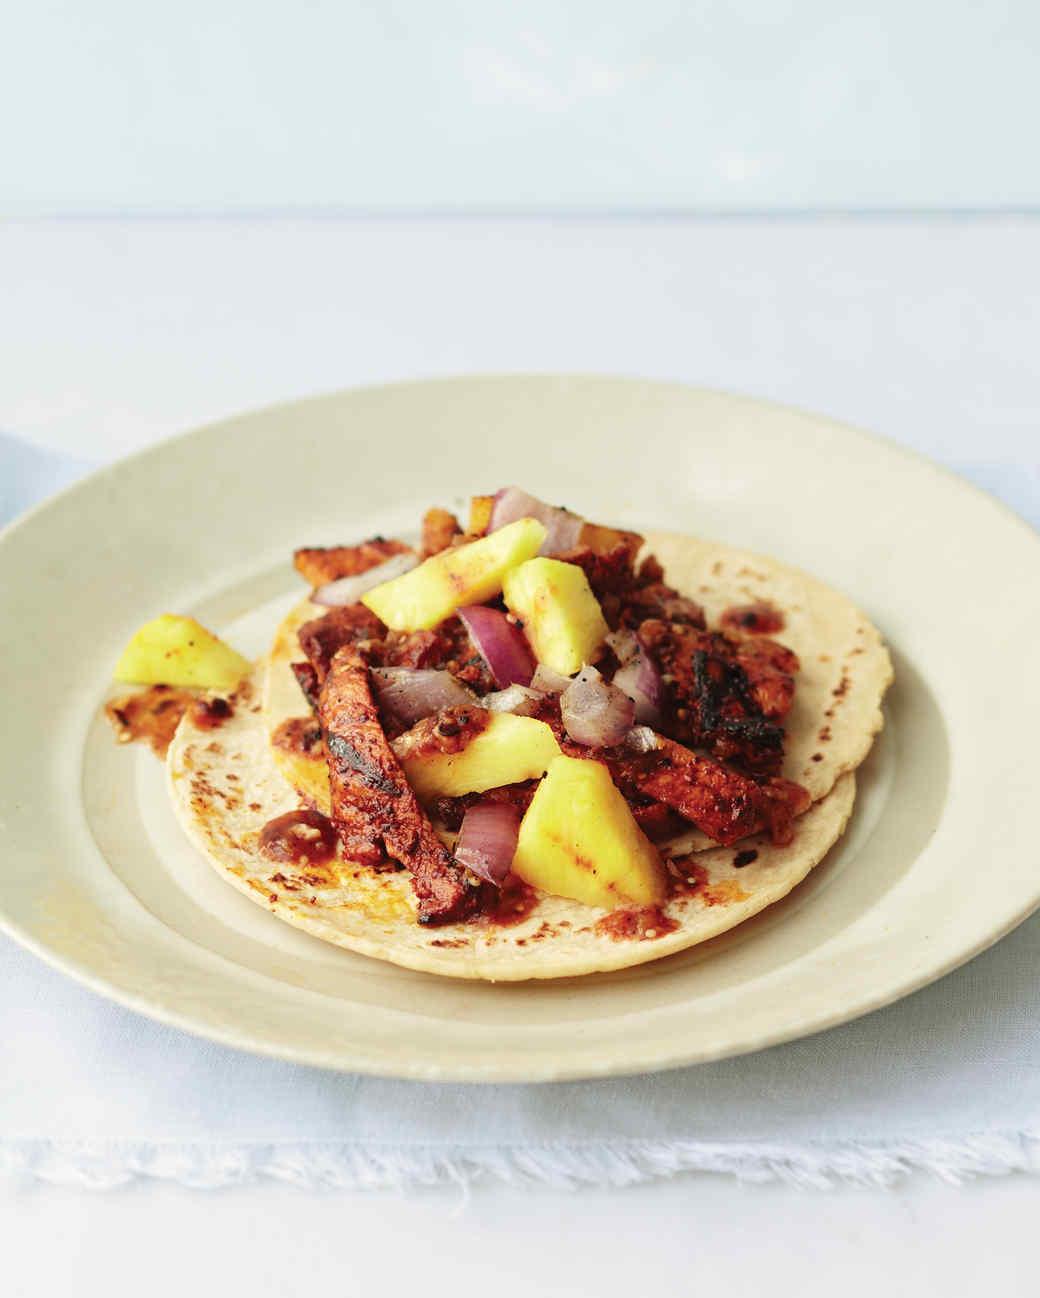 grilled-pork-tacos-al-pastor-d107412-0615.jpg